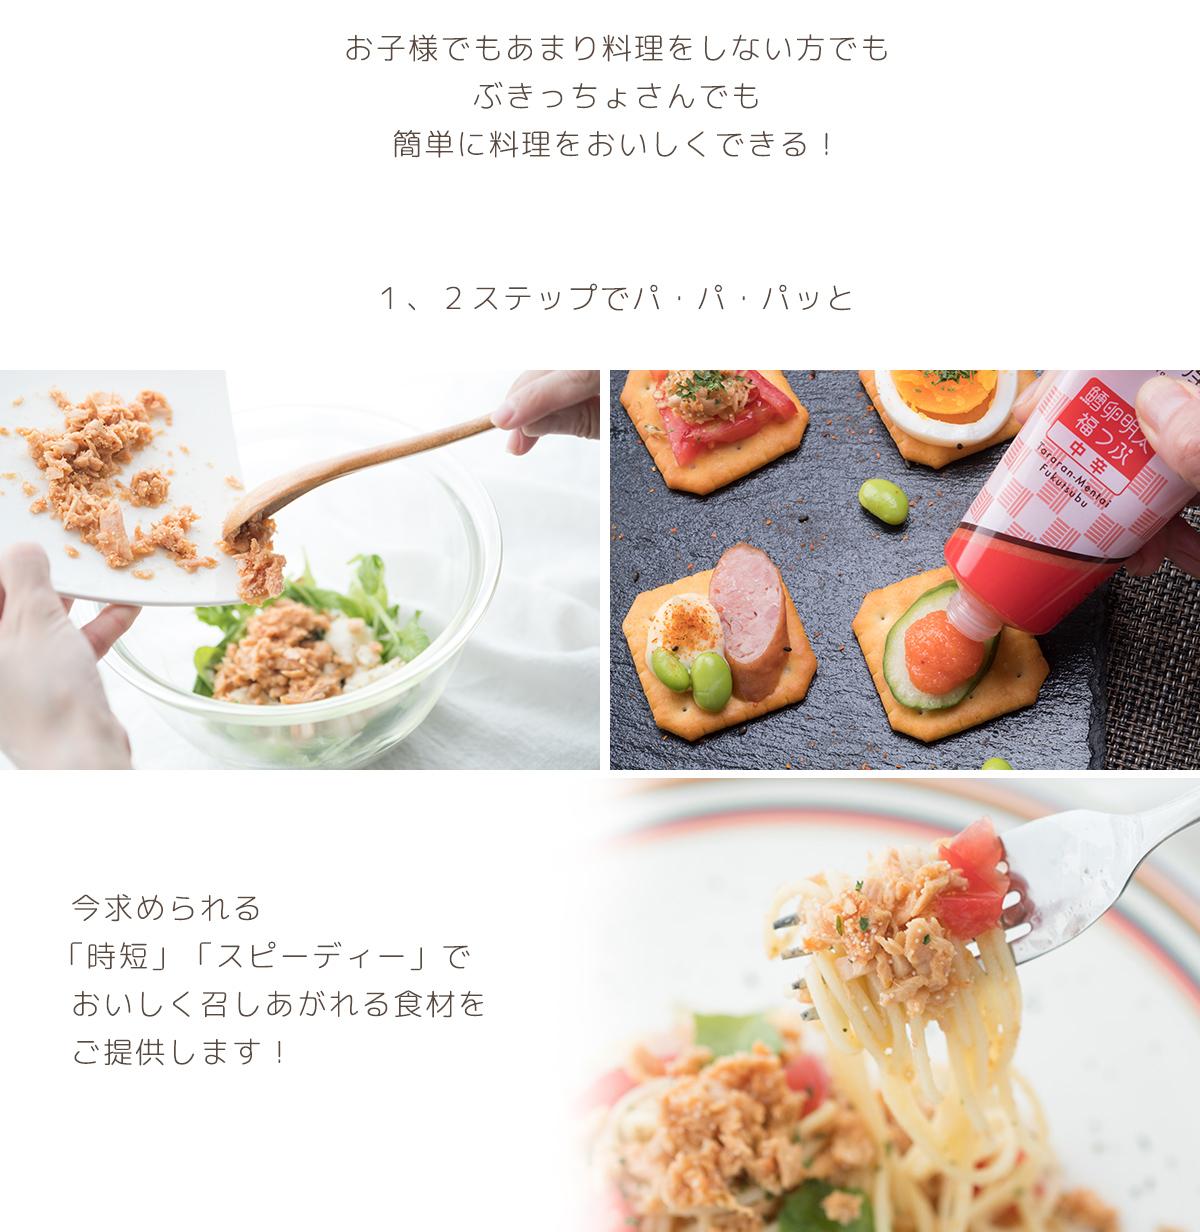 明太子は、おいしい・簡単・手軽をキャッチコピーに世界の食卓へ